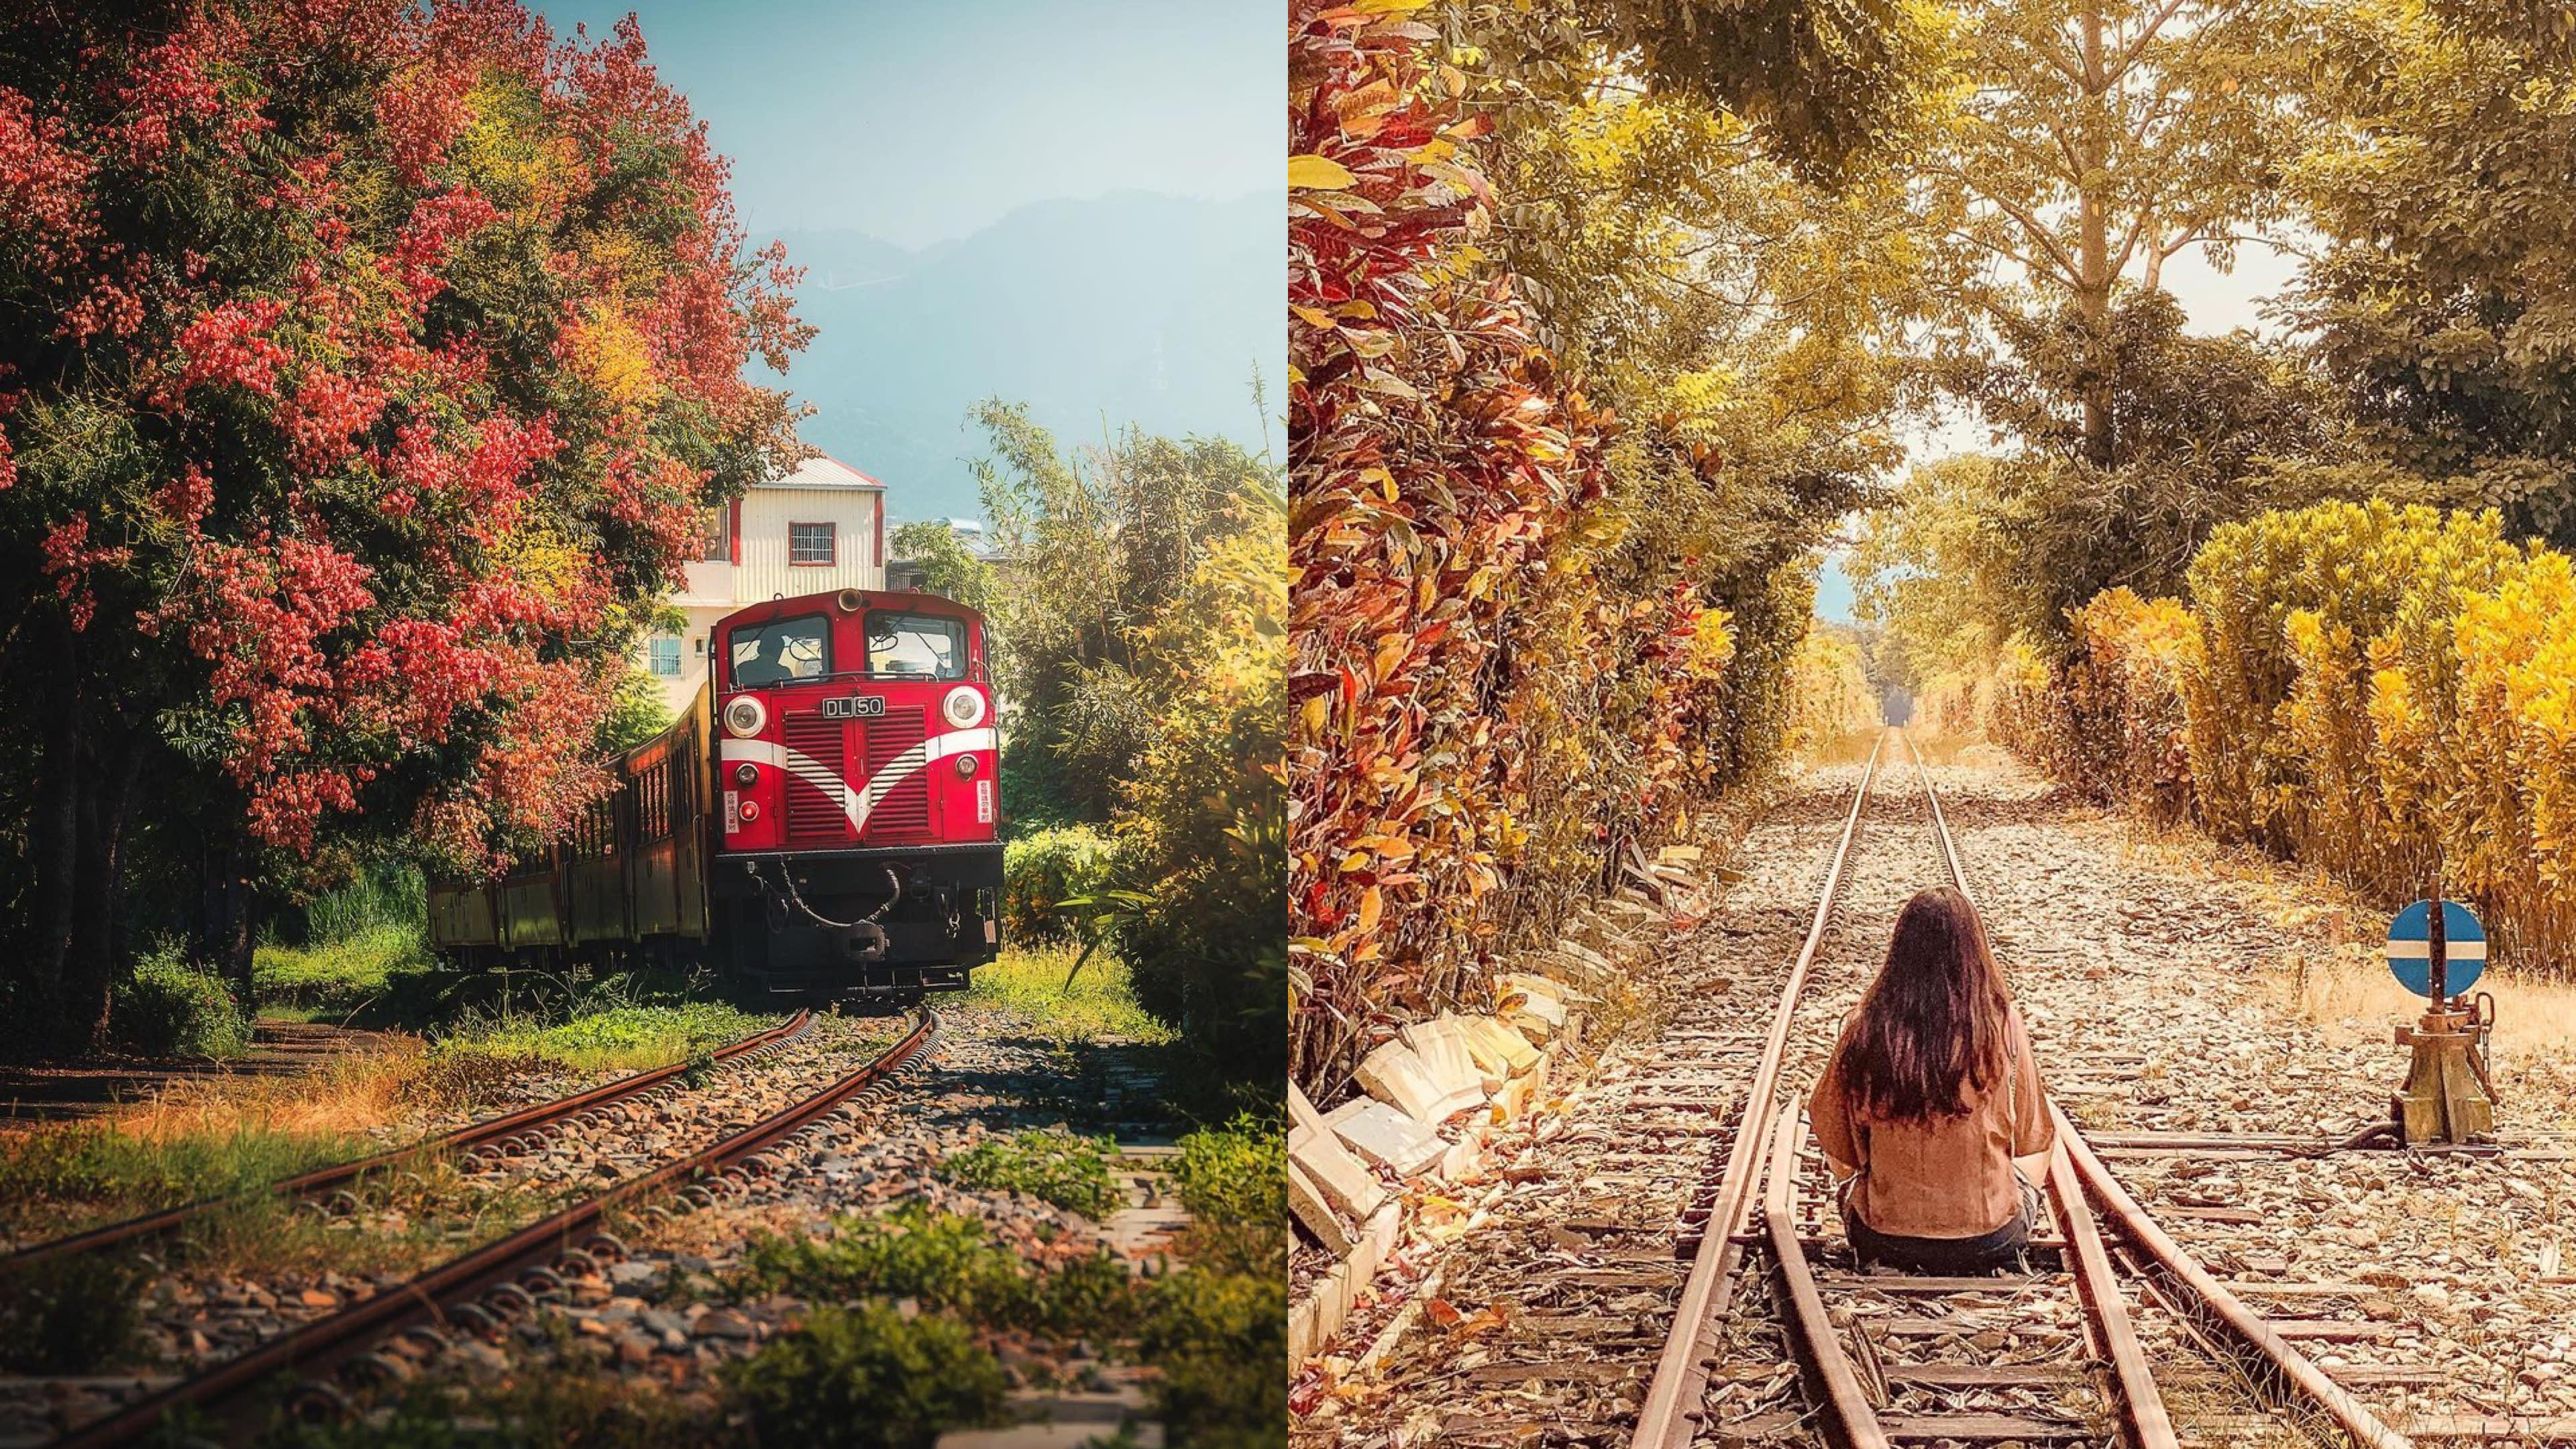 嘉義限定!秋日鐵道旅行好日本 欒樹火車、雲海茶園、漫步在日系車站